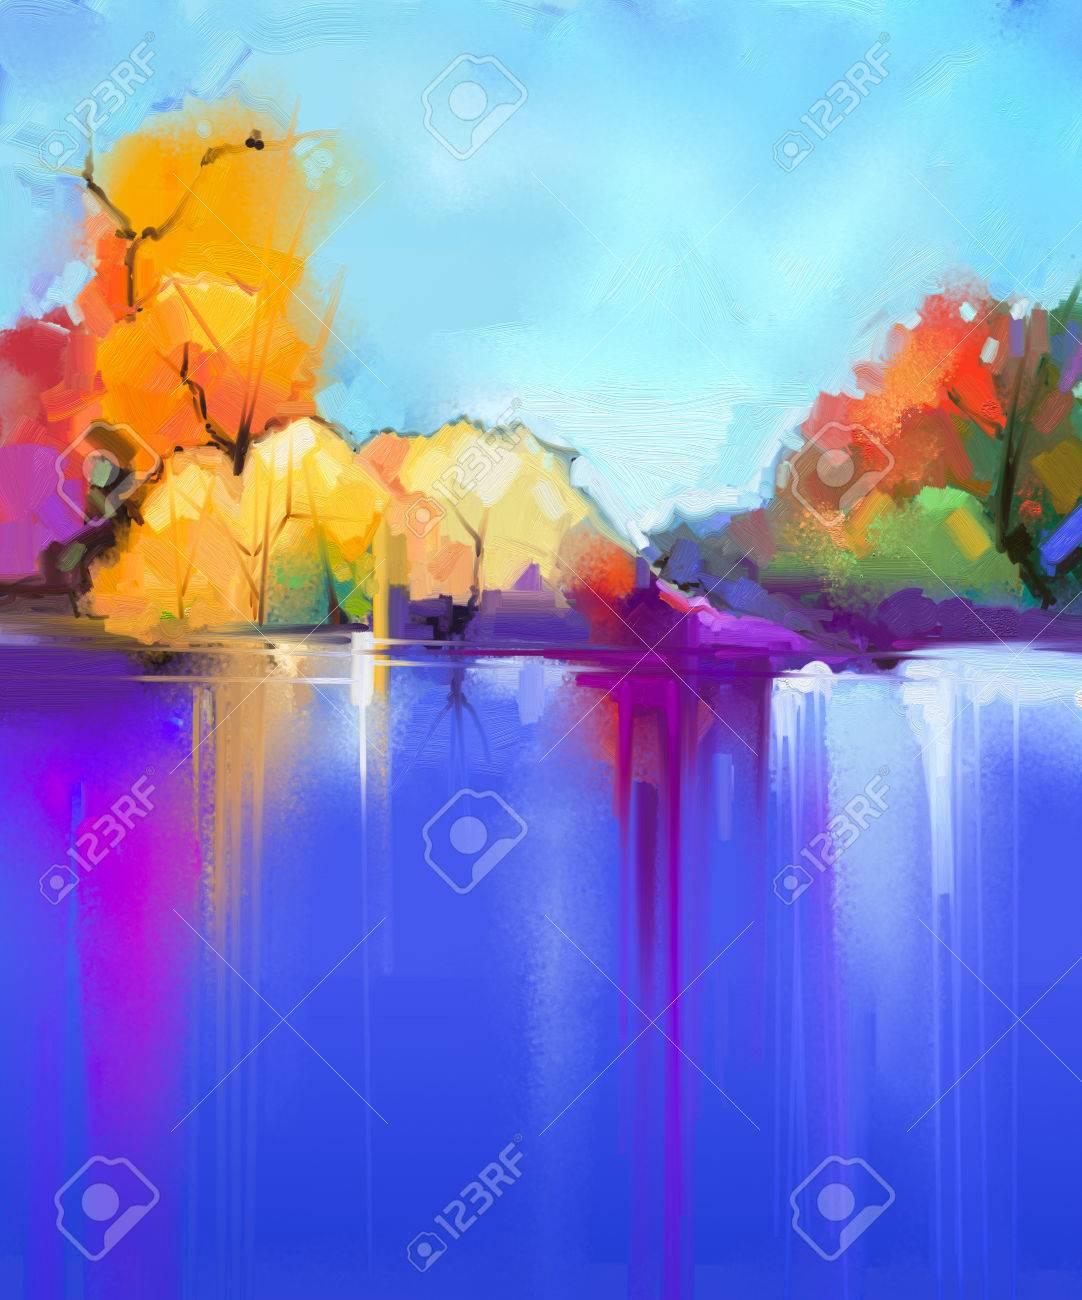 Fond De Paysage De Peinture à L'huile Abstraite. Ciel Bleu Et Violet  Coloré. Peinture à L'huile Paysages Extérieurs Sur Toile. Arbre Semi- abstrait Et Lac. Saison D'été, Fond De Nature Paysage Soleil Banque